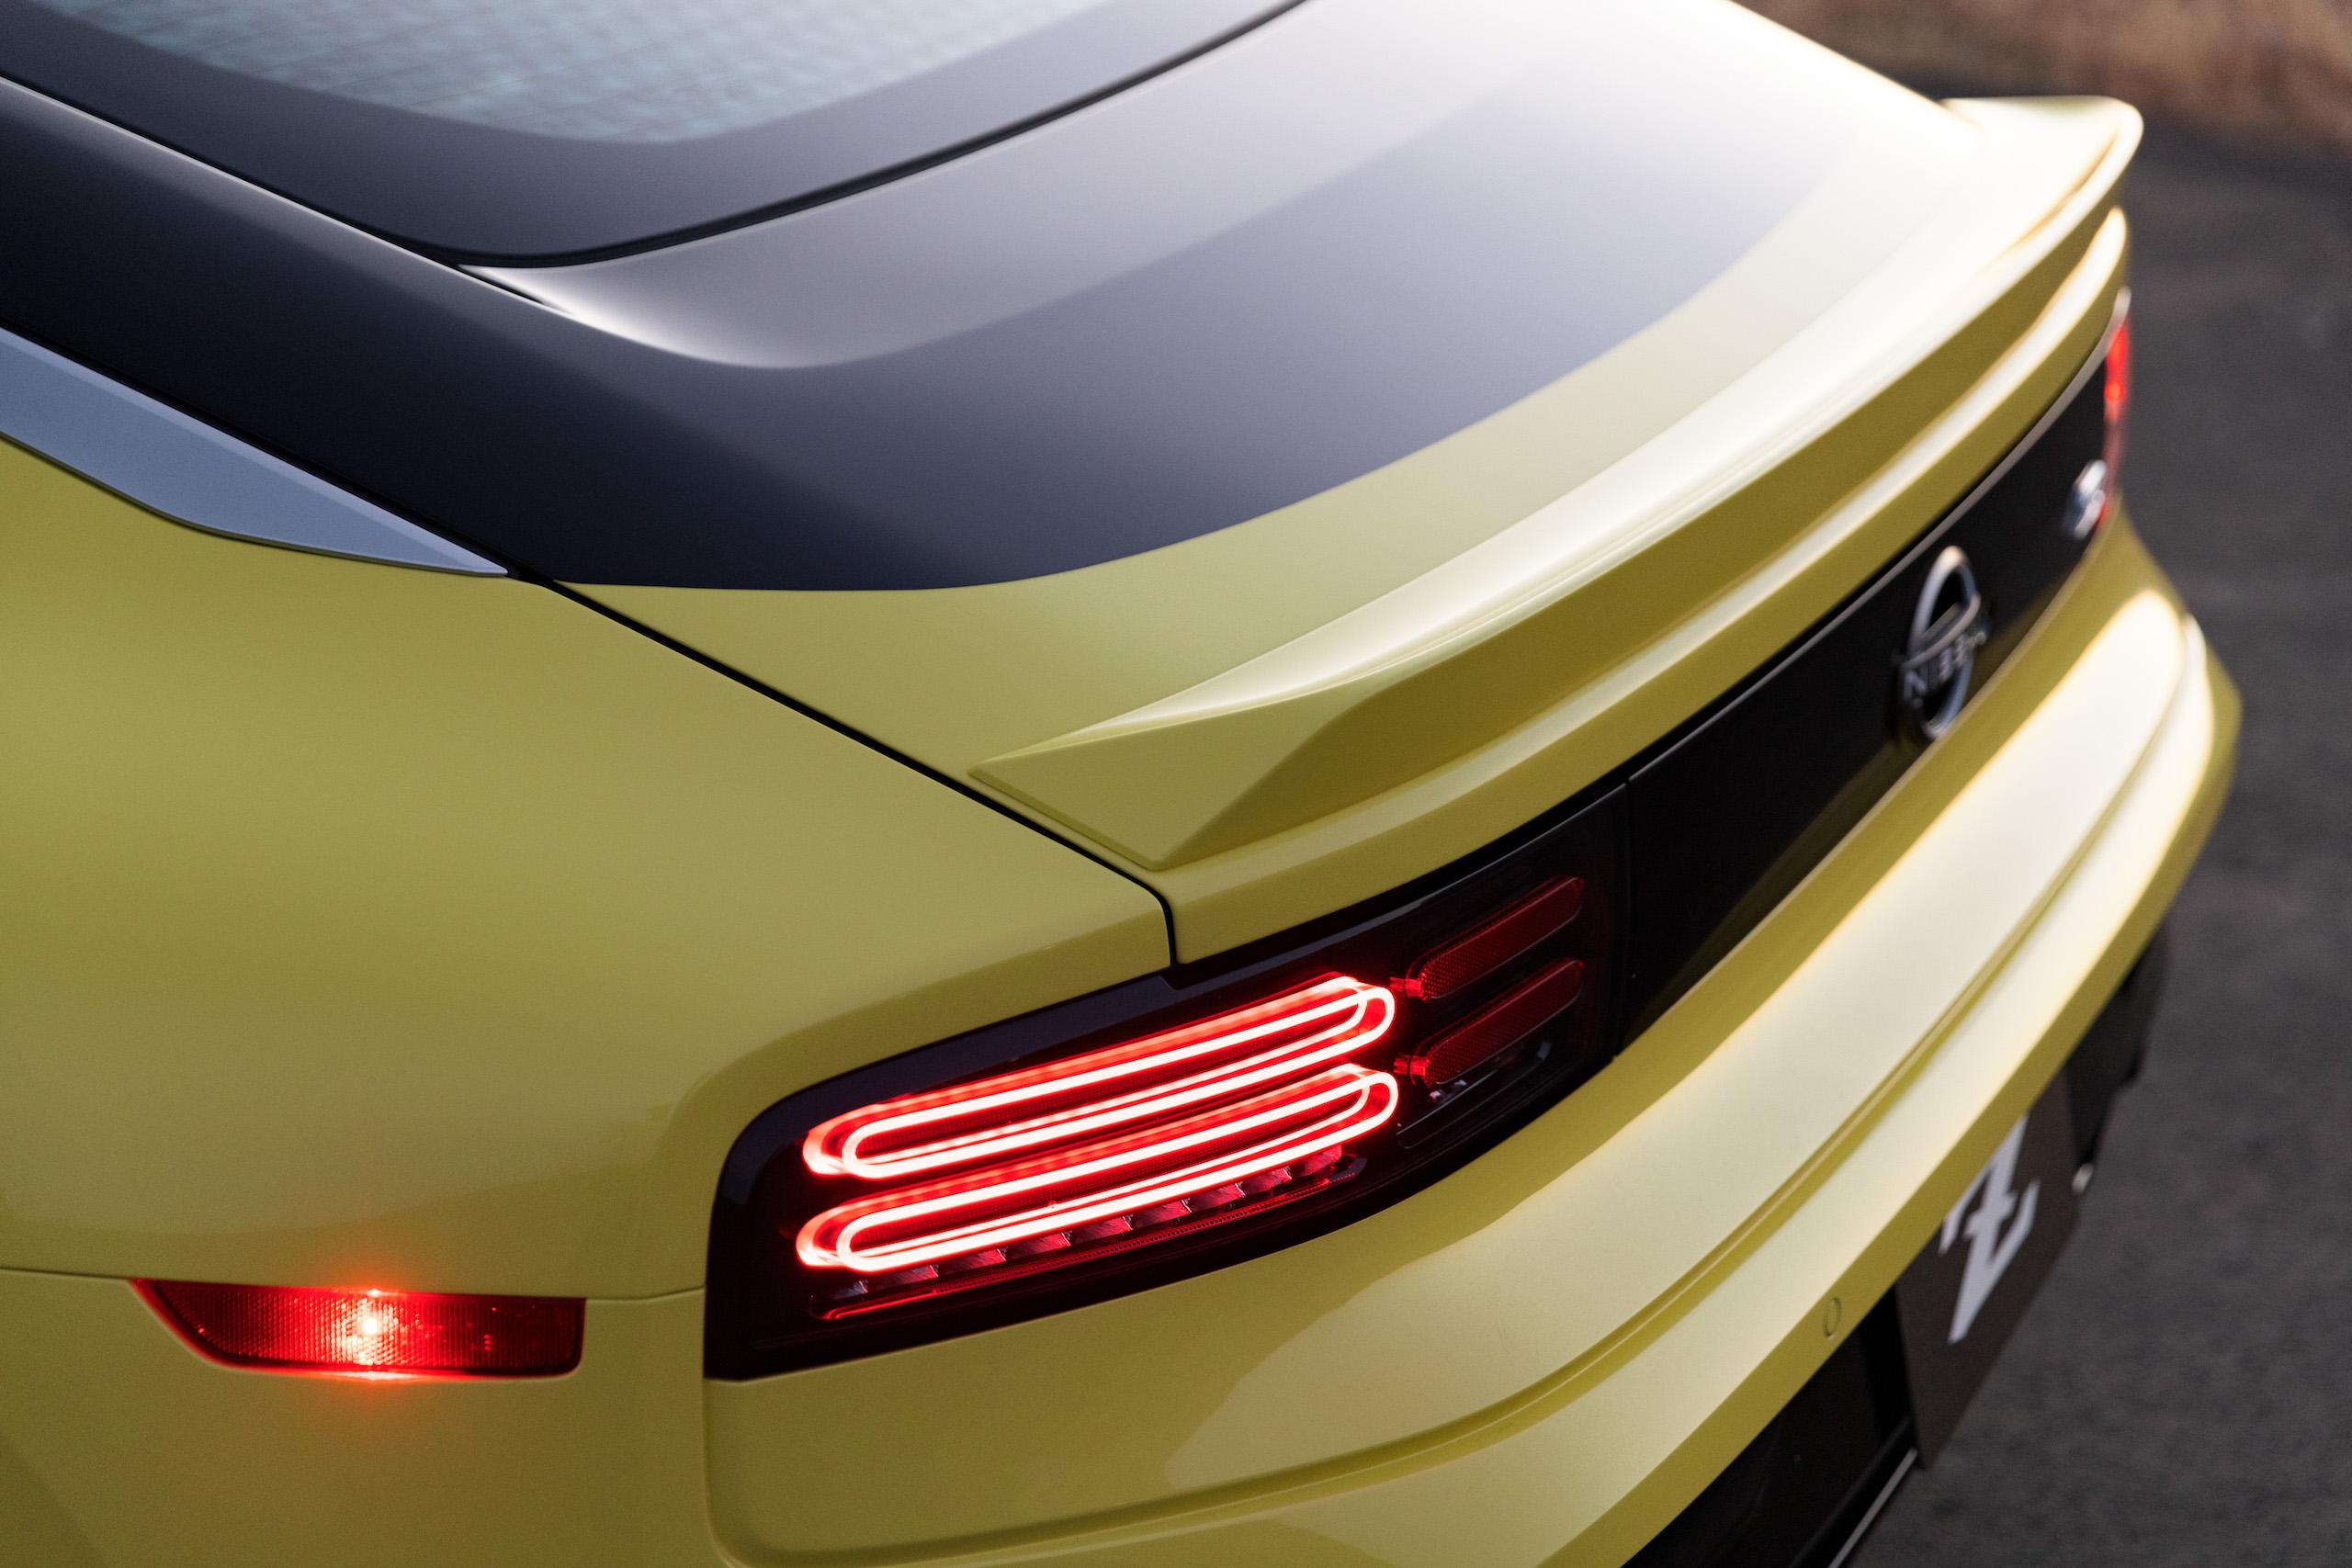 2023 Nissan Z rear fascia